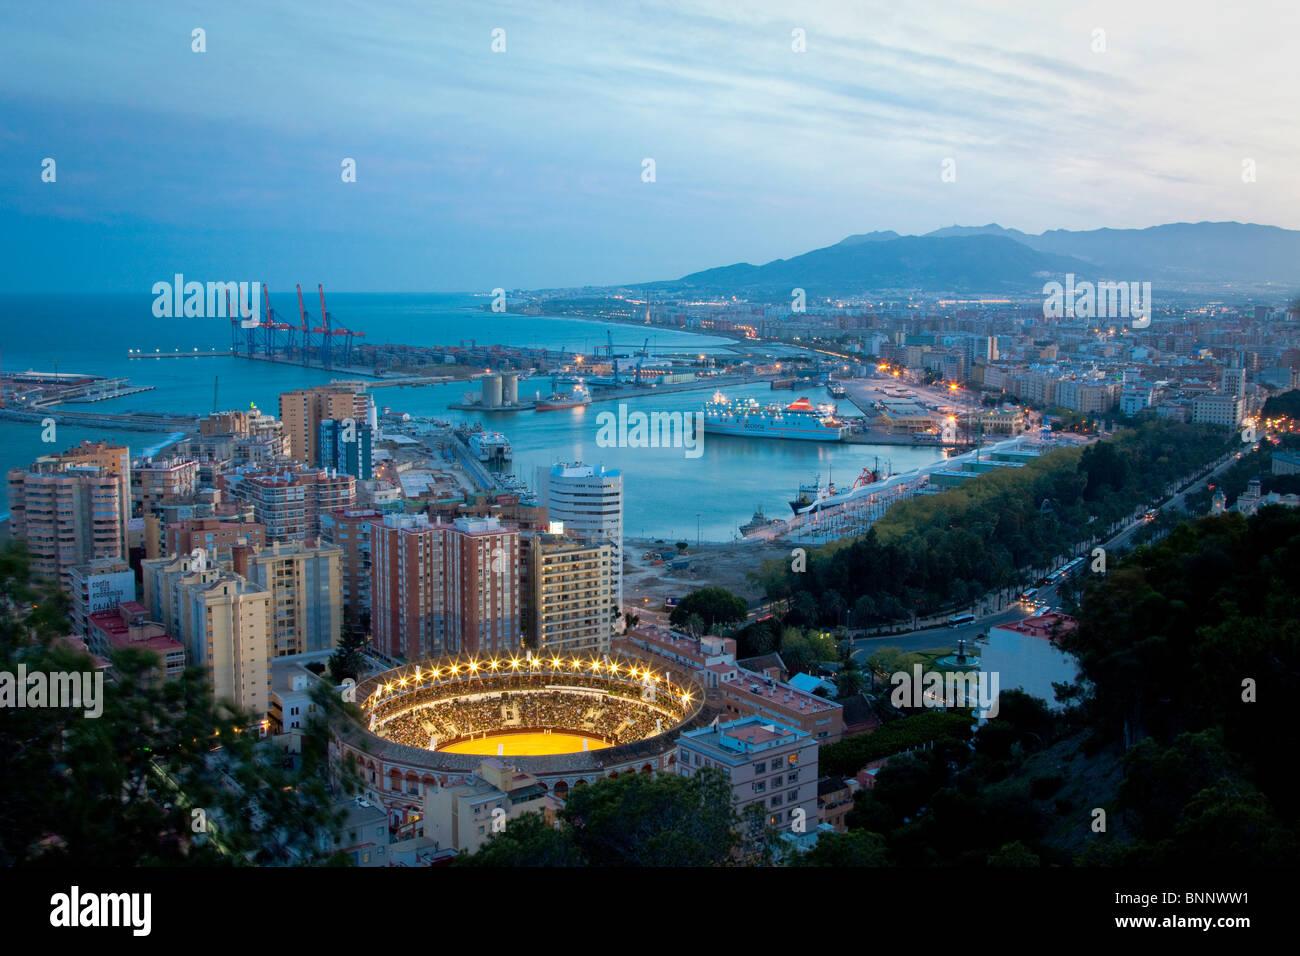 España Barcelona Cataluña la noche agua puerto puerto barcos corrida arena Andalucía España Imagen De Stock